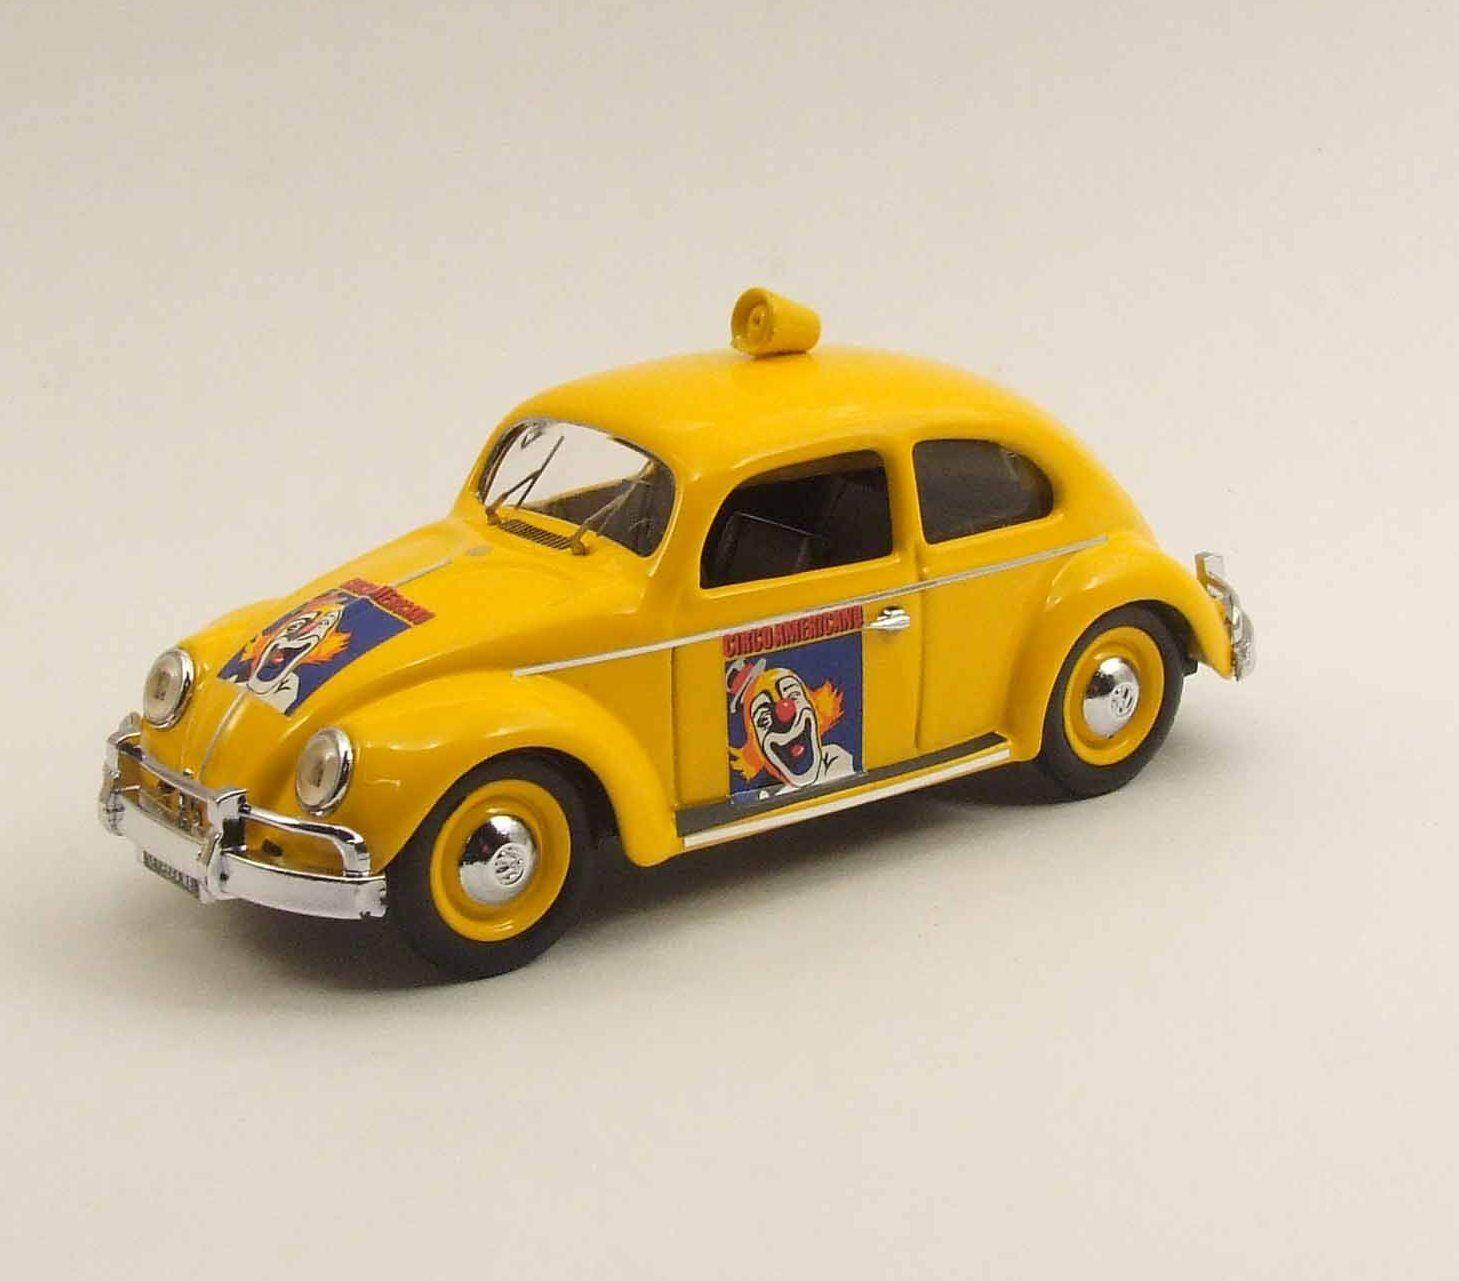 Volkswagen Maggiolino Circo Americano 1954 Rio 1 43 Rio4380 Modellino Diecast